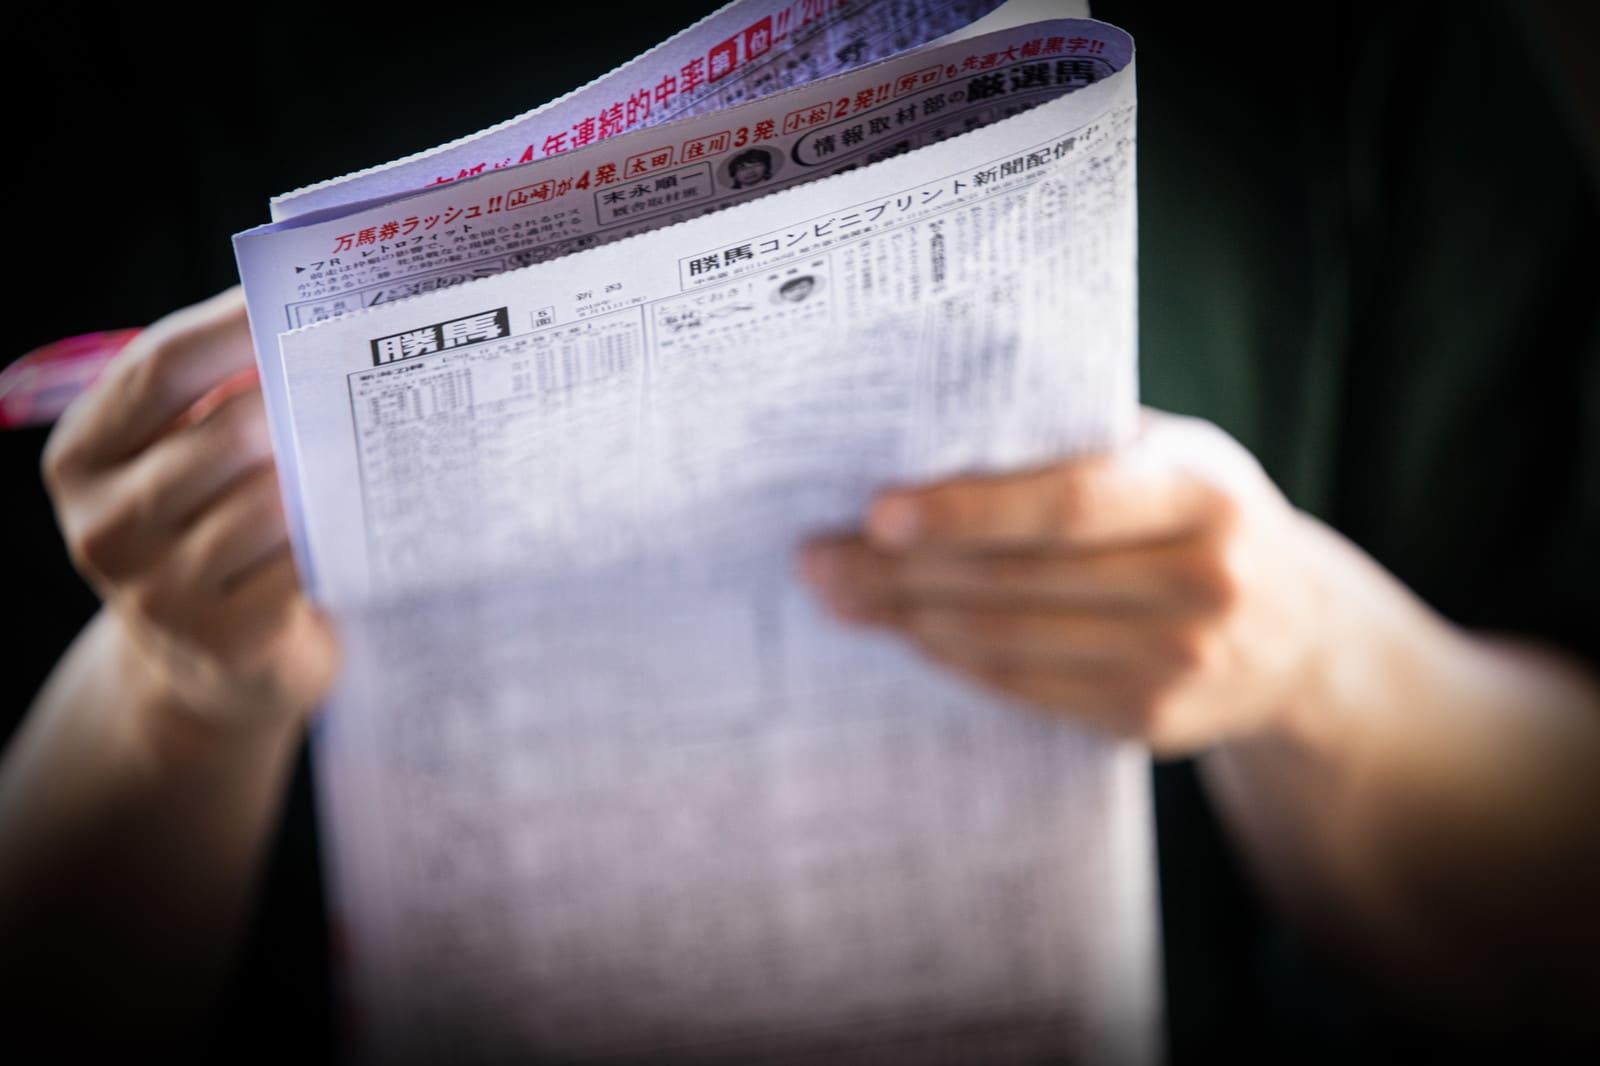 競馬新聞 手に持つ人